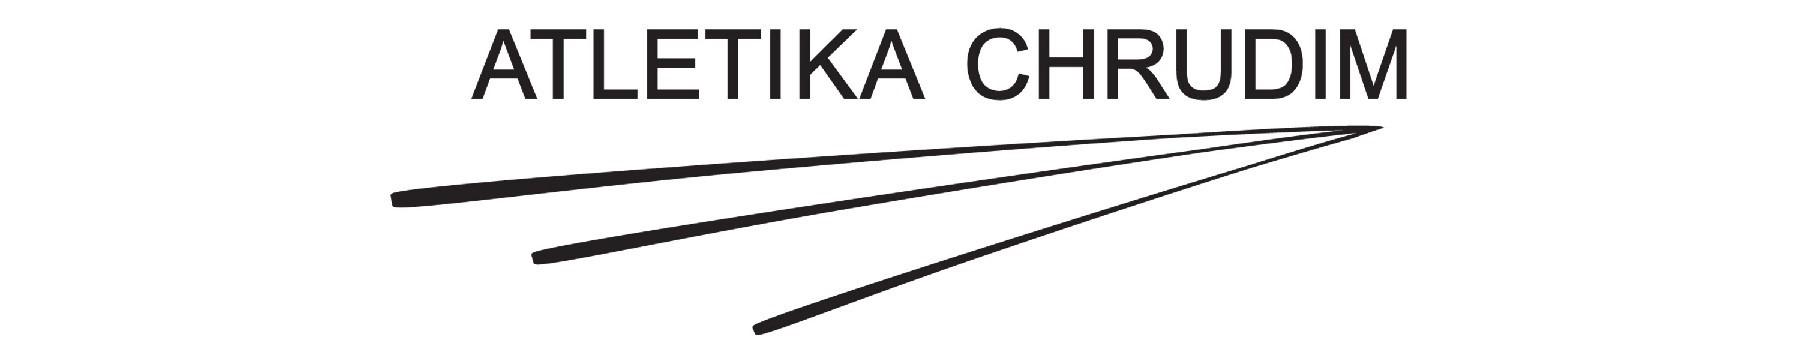 LogoAtletikaChrudim